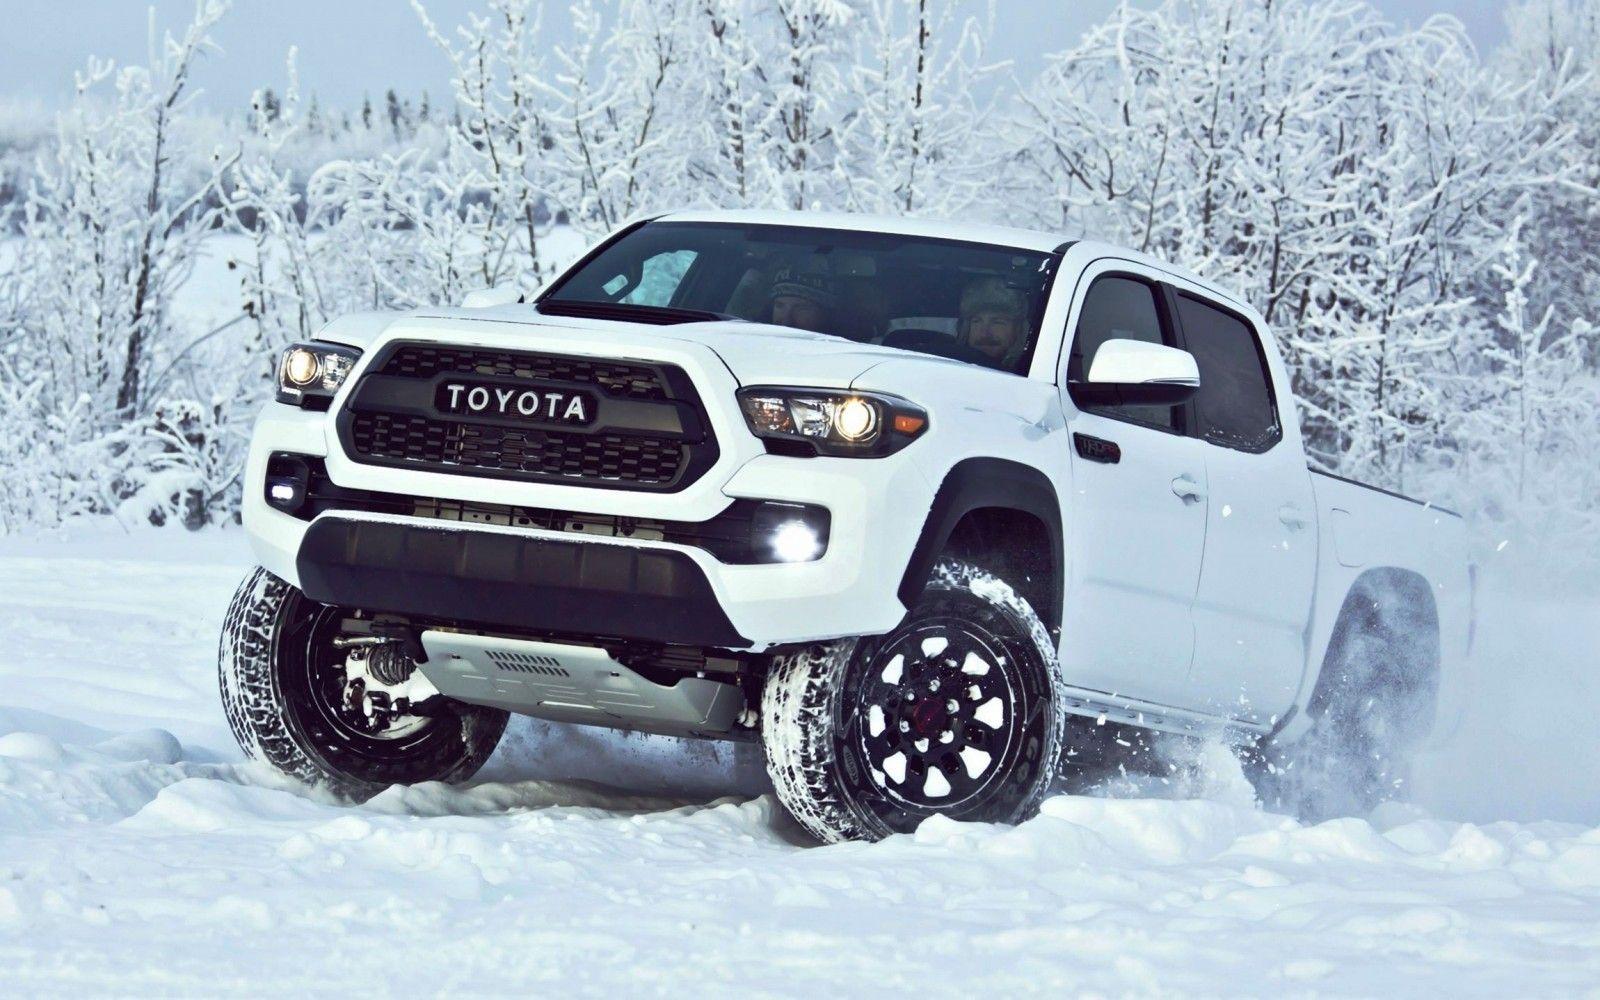 2017 Toyota TRD Pro KevlarReinforced Tires